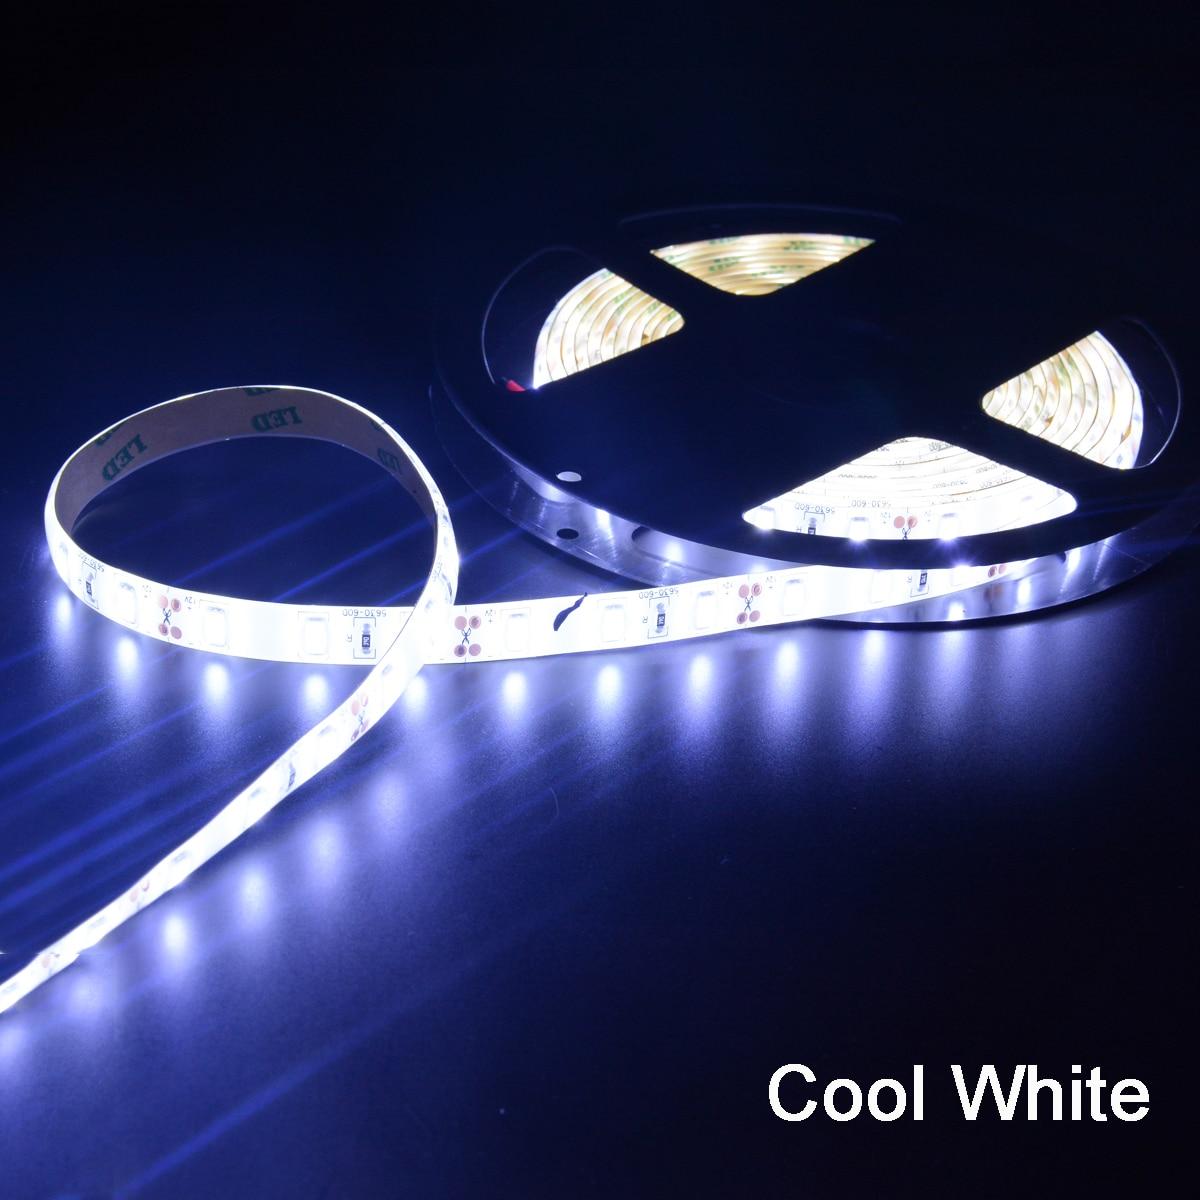 Гибкая светодиодная лента, 1 м, 2 м, 3 м, 4 м, 5 м, 12 В постоянного тока, 5630, водонепроницаемая светодиодная лента Fita, 60 светодиодов/м с самоклеющейся задней лентой